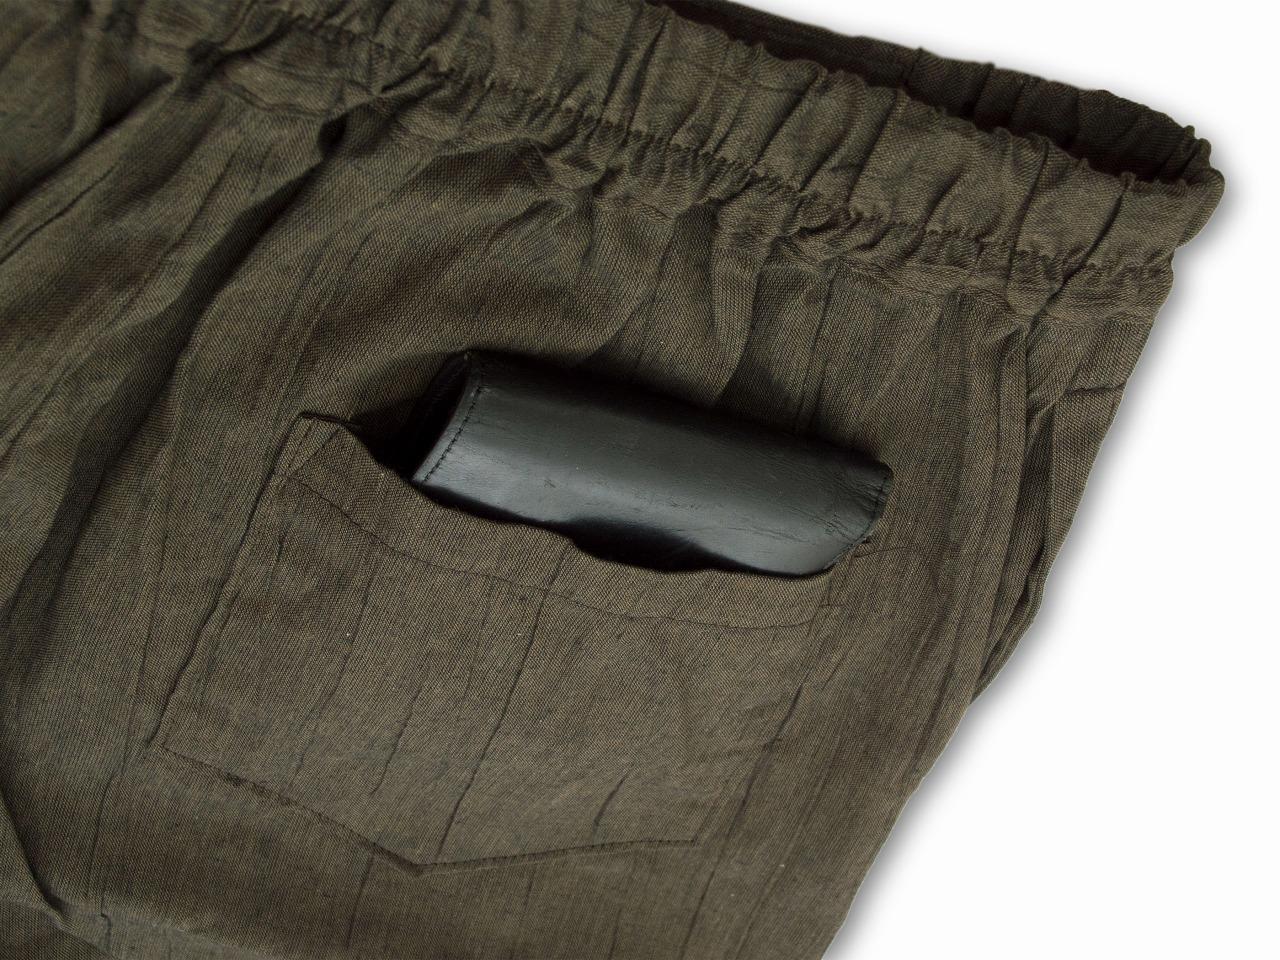 ズボン後ろポケット部分